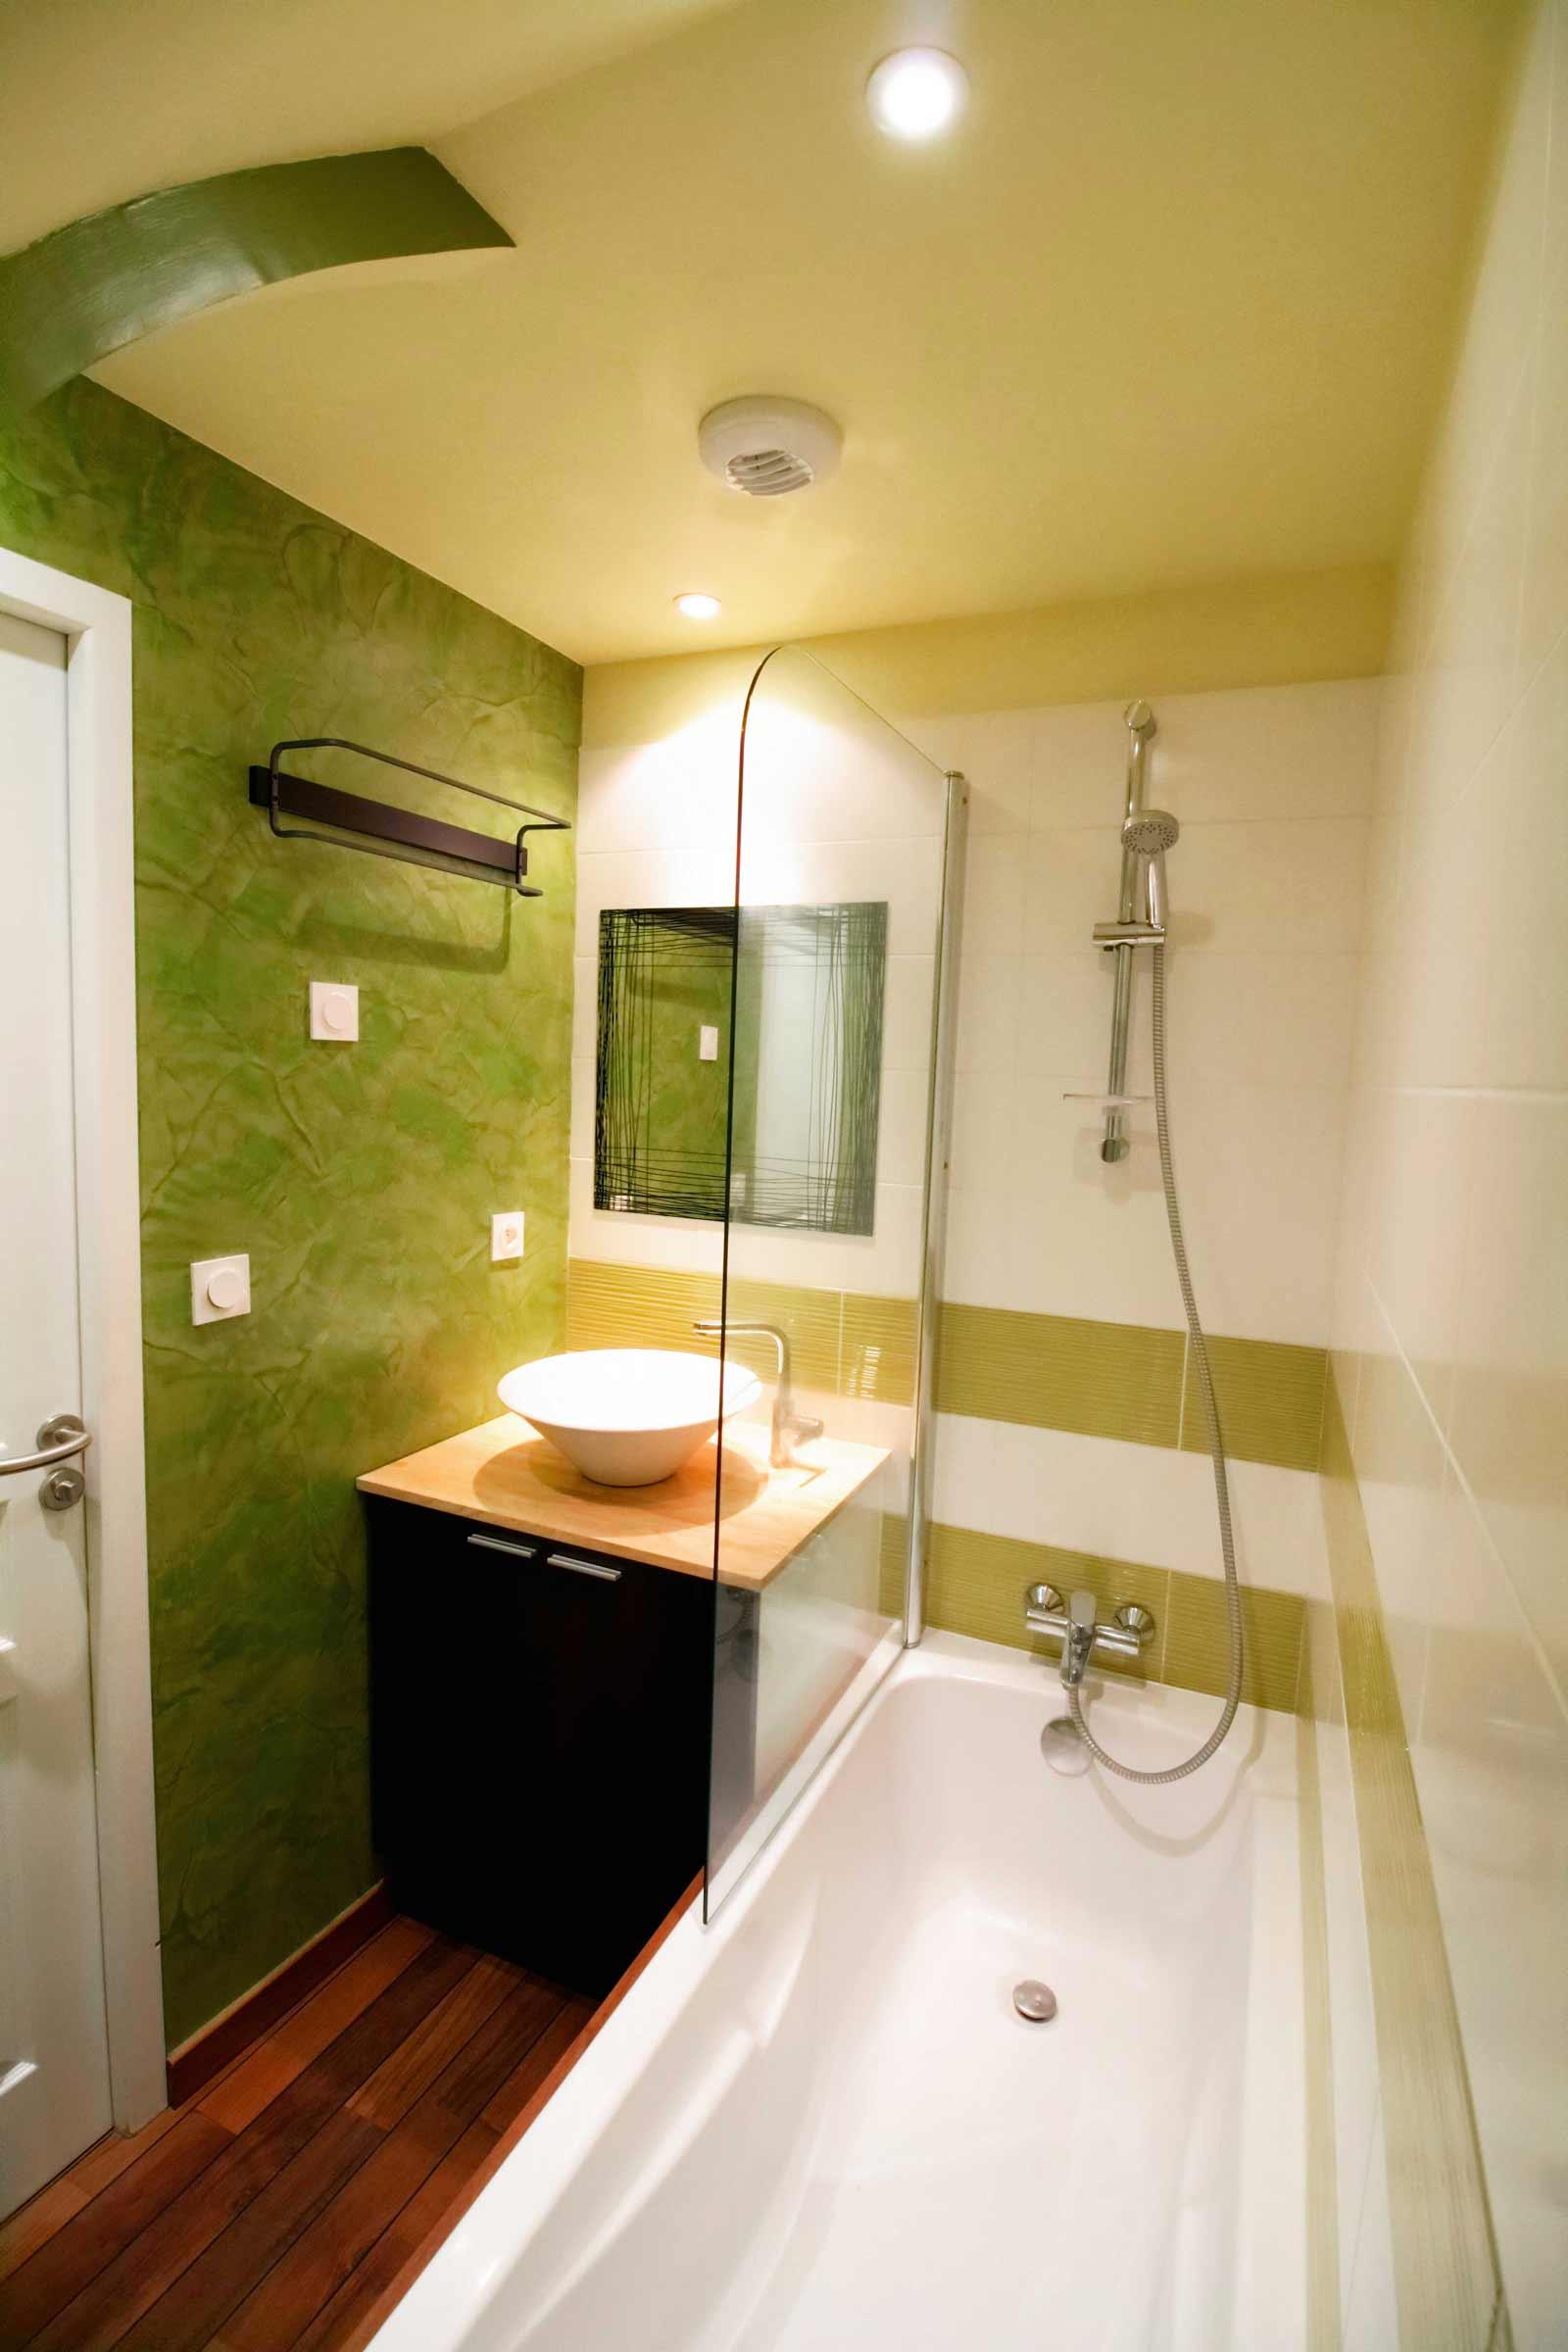 salle-de-bain-petite-piece-stuc-baignoire-lavabo-parquet-teck - Ar ...